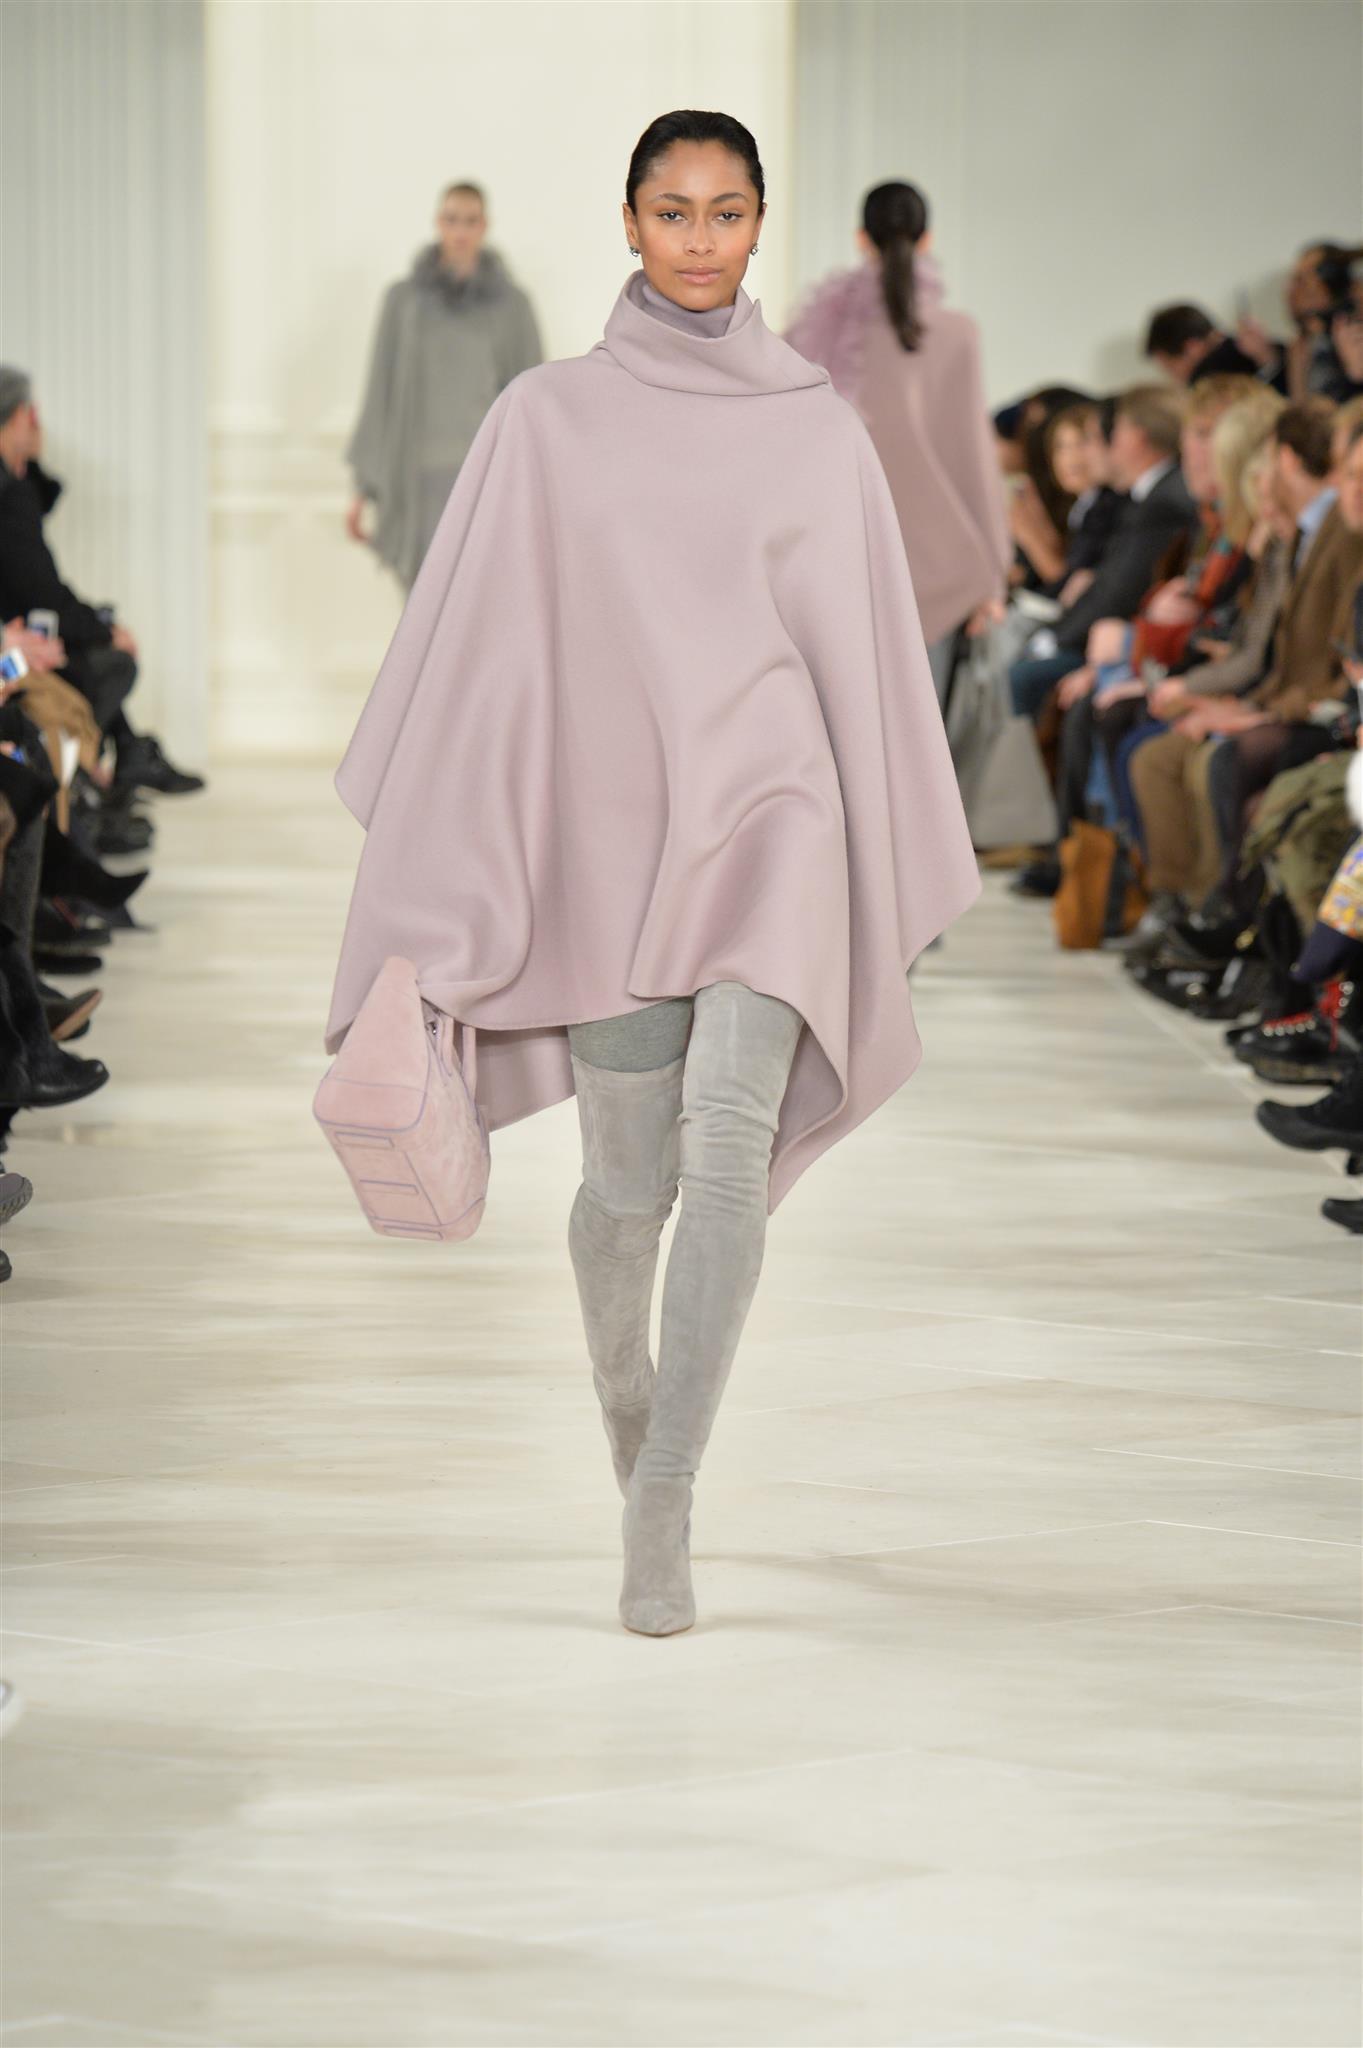 Ein Model mit einem Poncho auf dem Laufsteg.